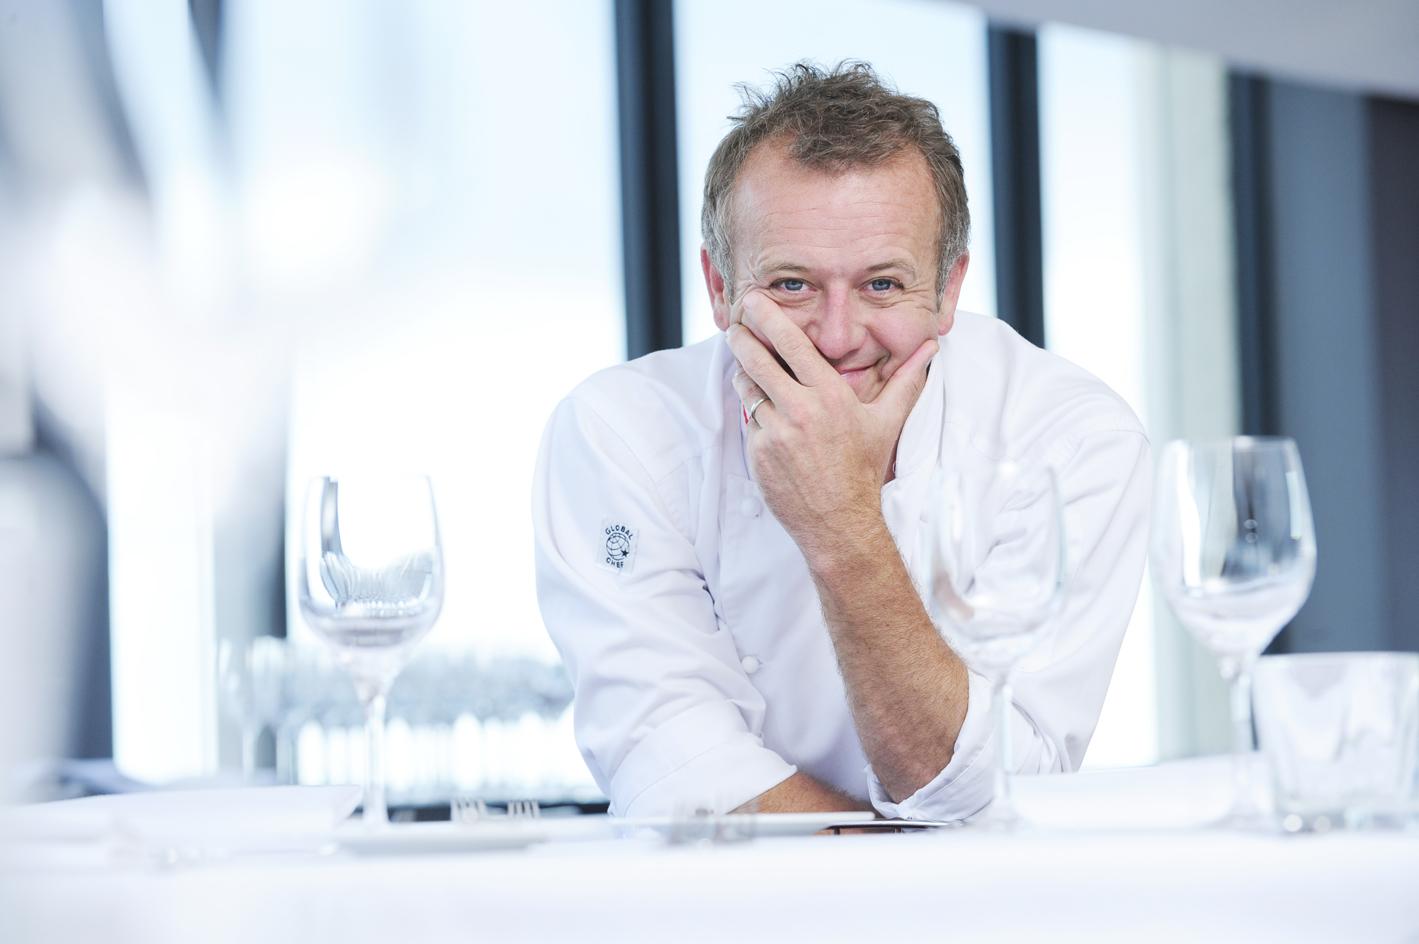 Head Chef Summit Restaurant